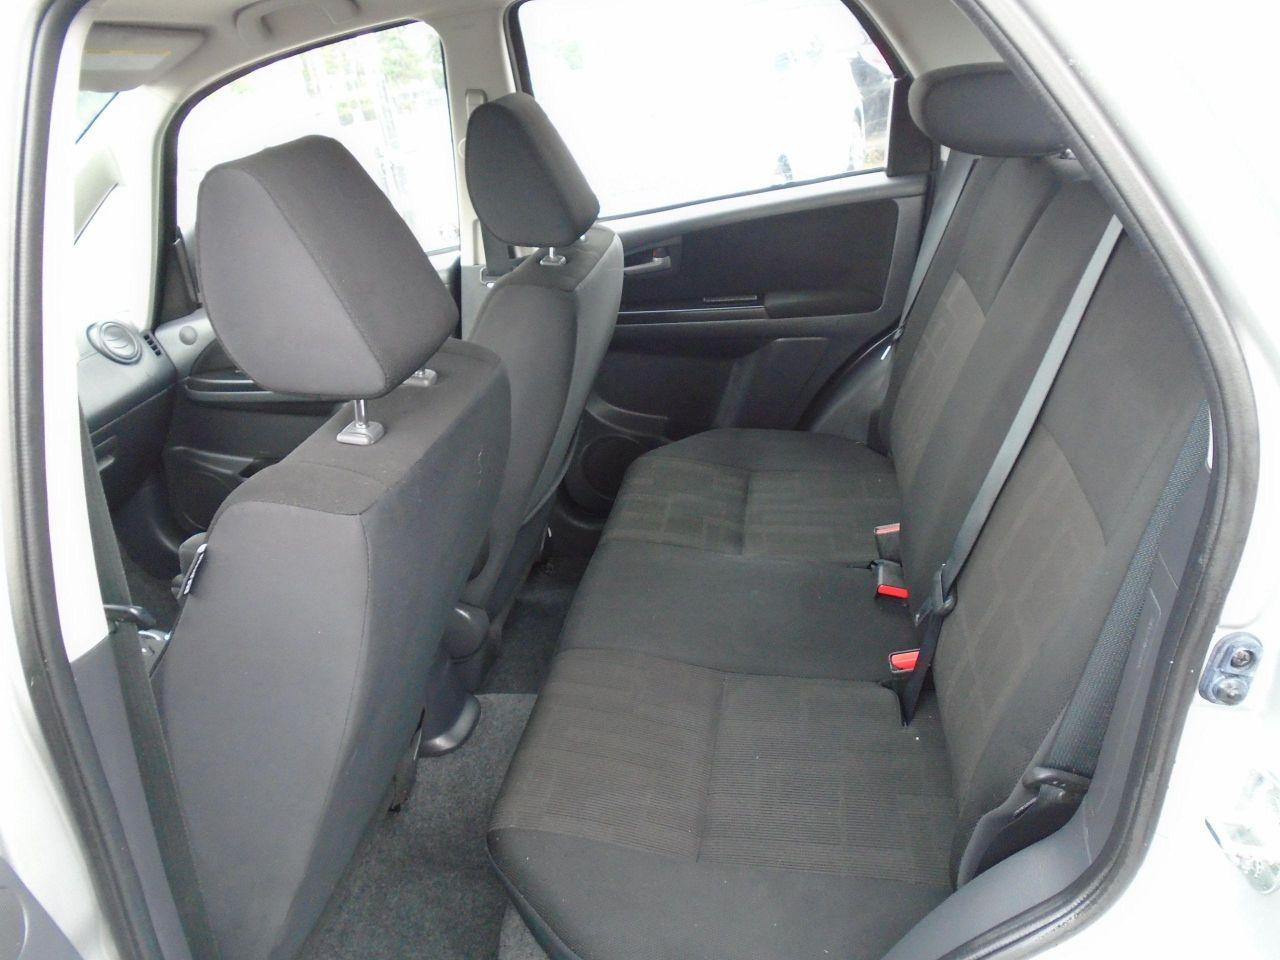 2012 Suzuki SX4